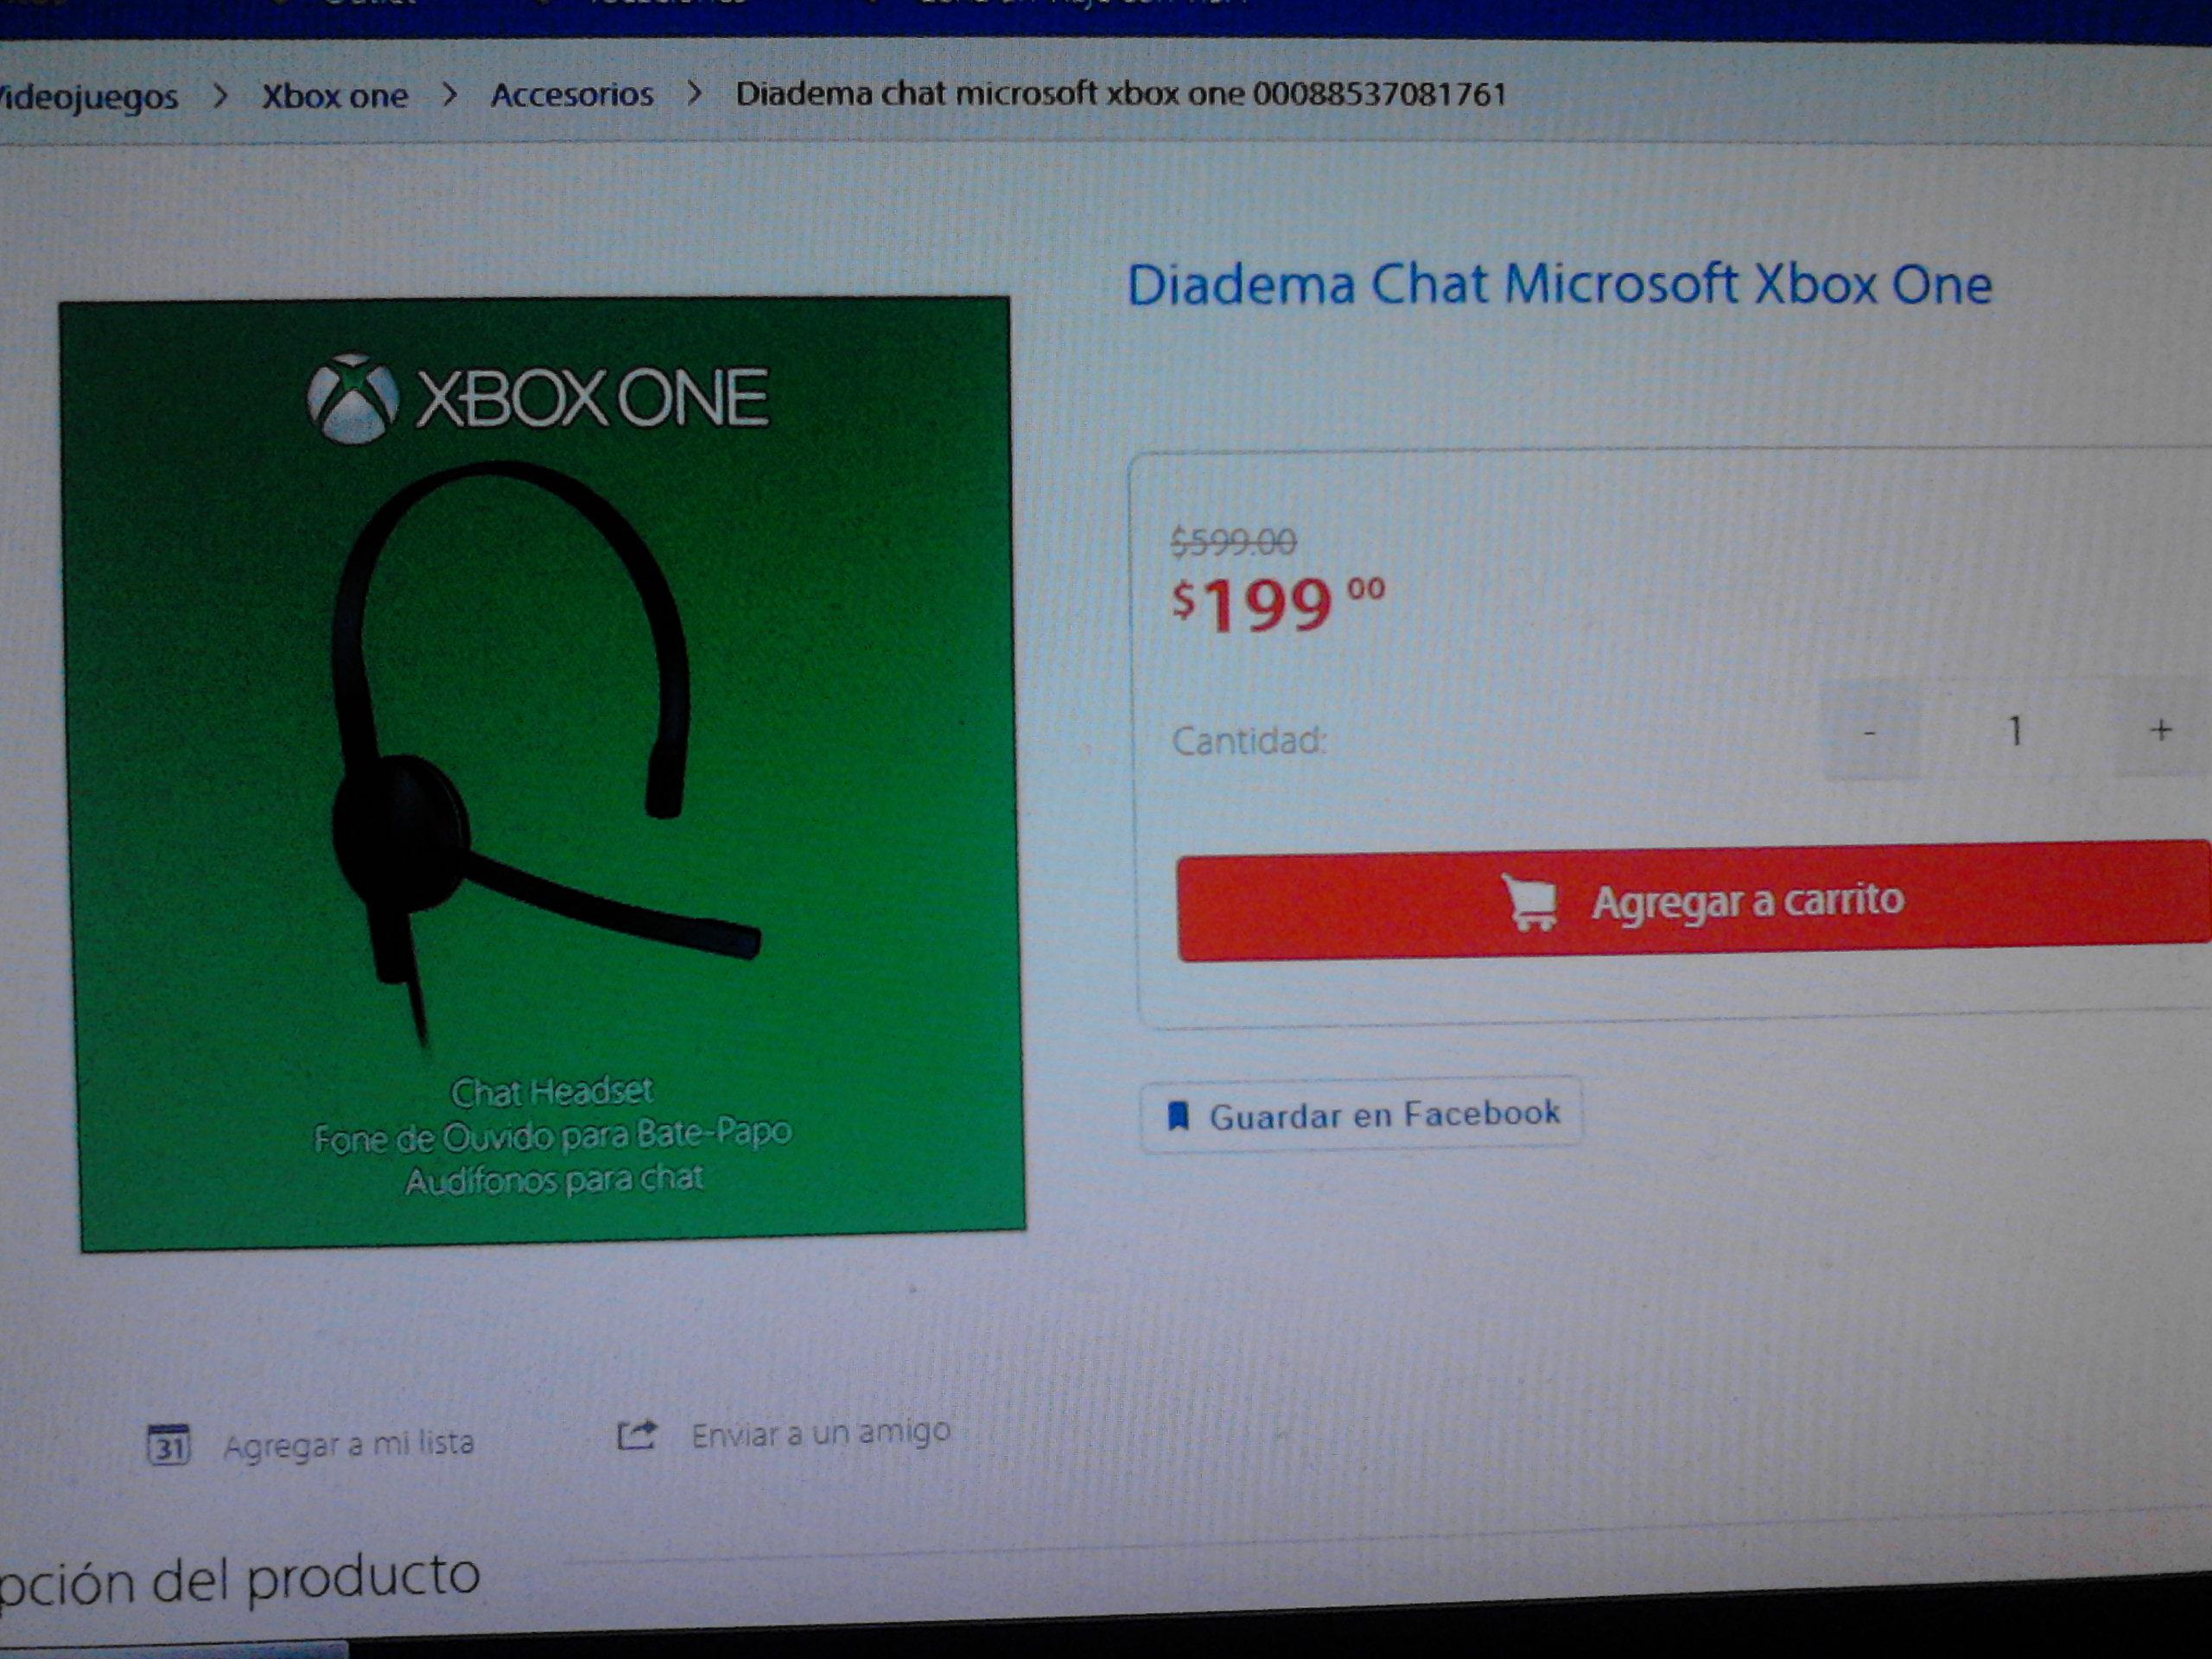 Walmart en línea: Diadema Chat Microsoft Xbox One